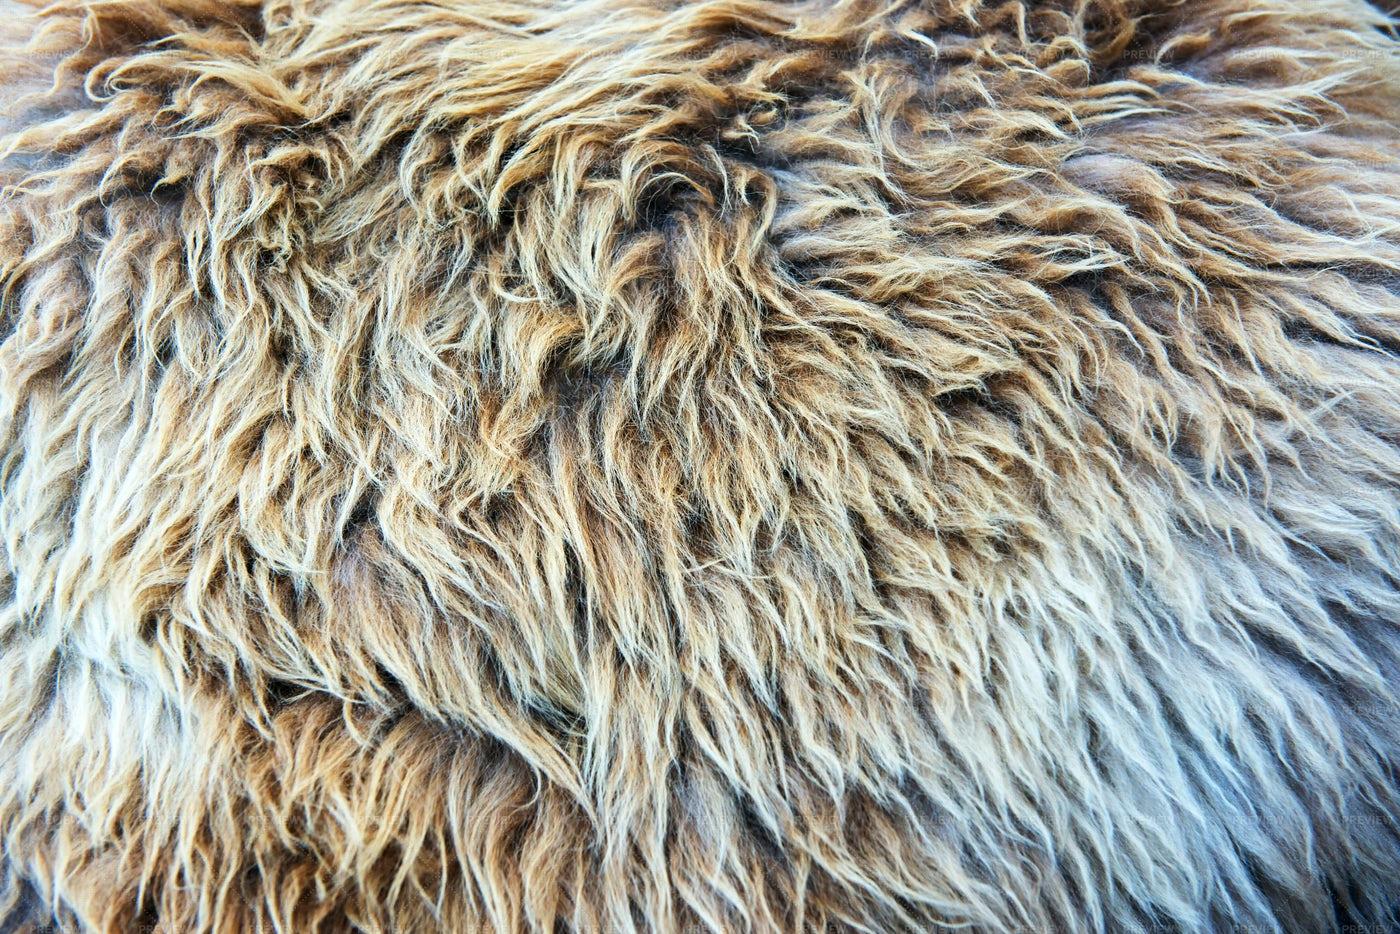 Fur Texture Close-Up: Stock Photos